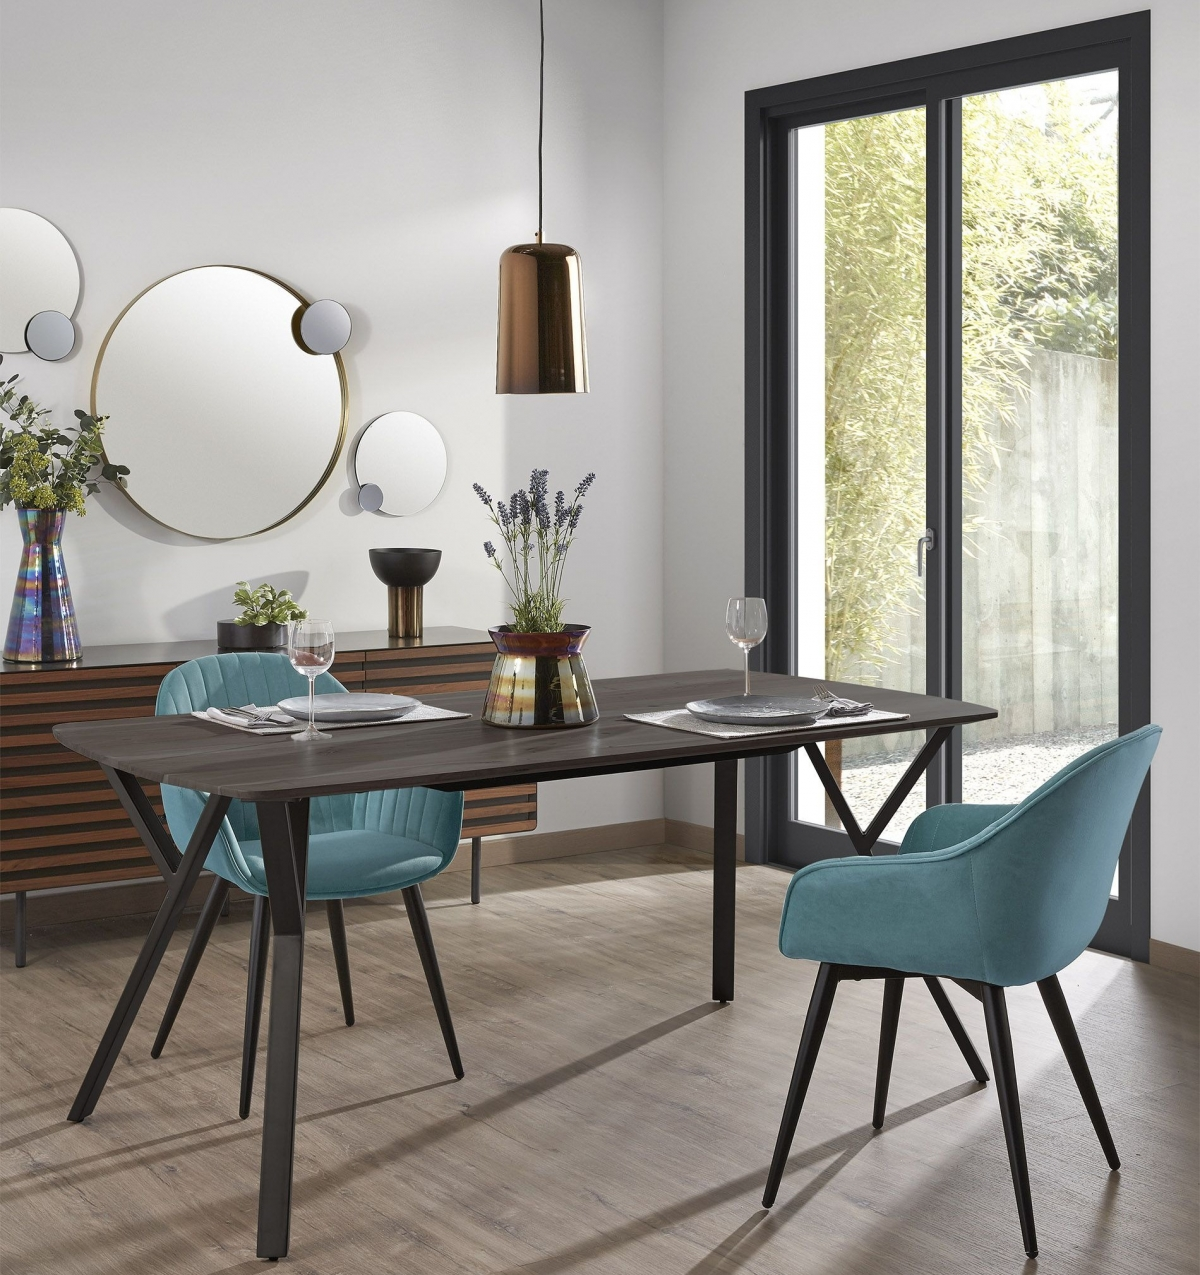 Стильный интерьер с лаконичными декоративными элементами.